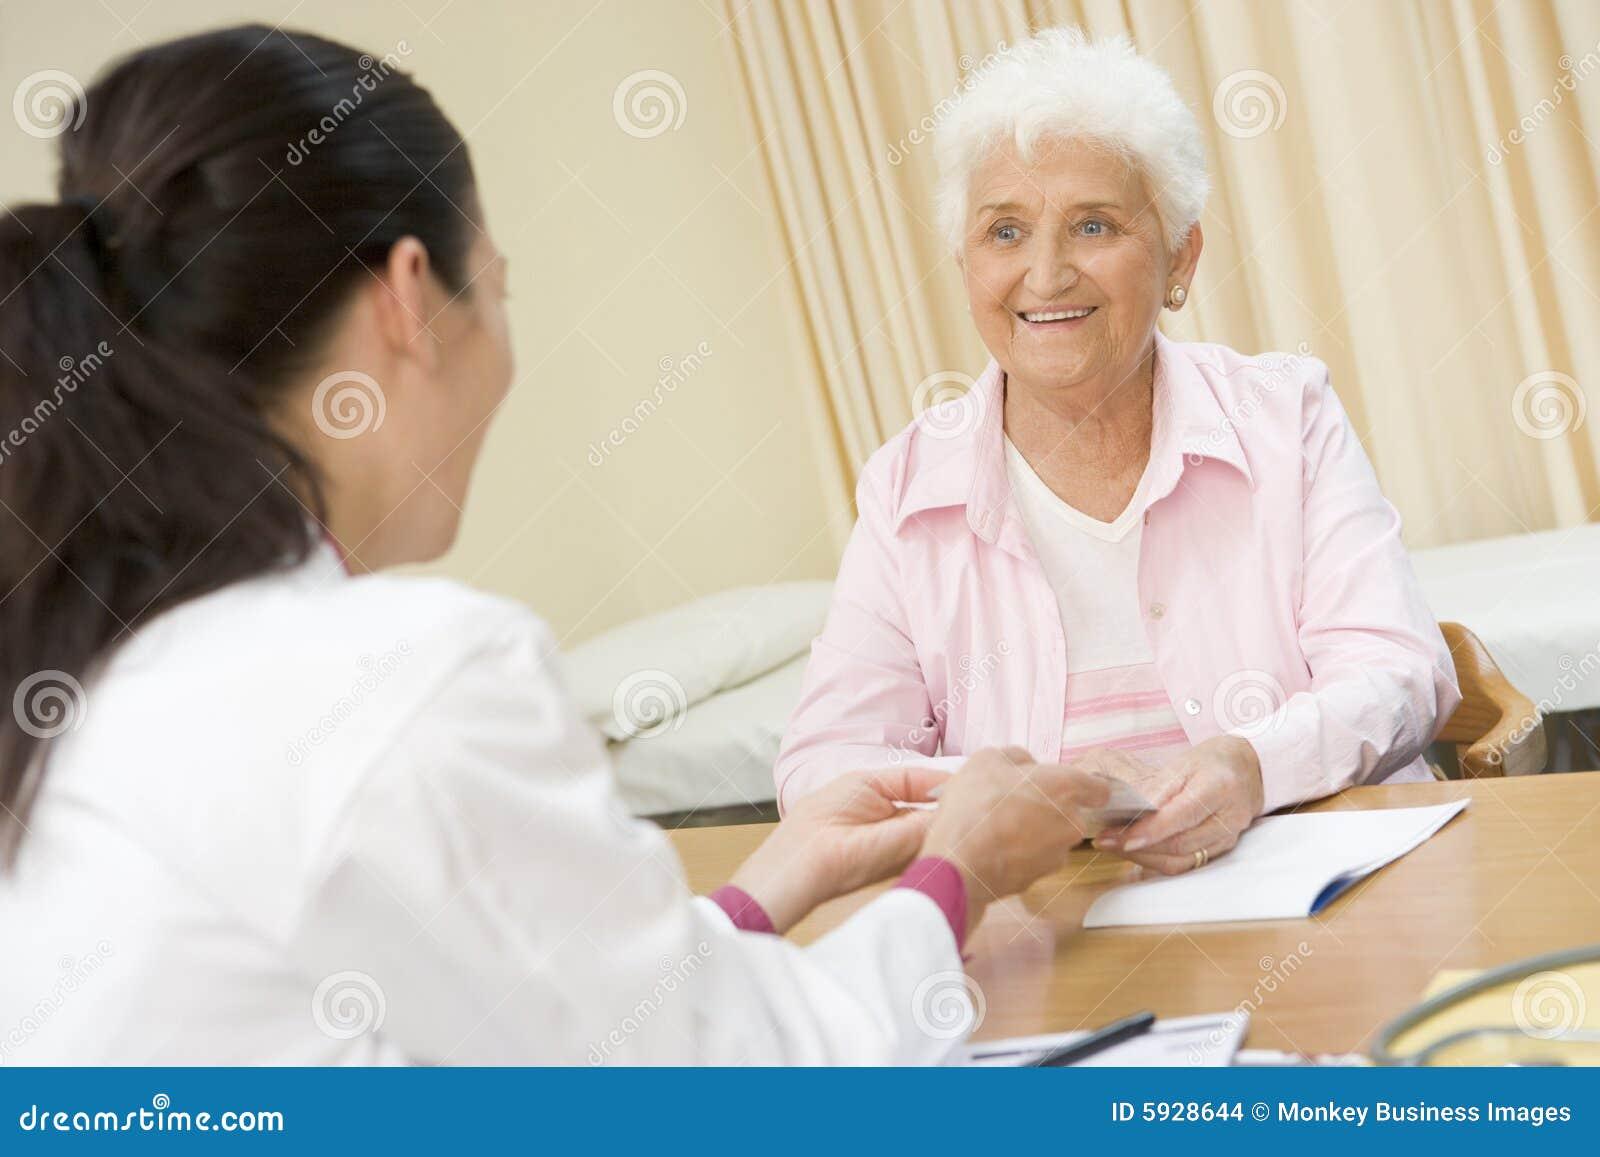 Толстая женщина на приеме у врача фото 10 фотография